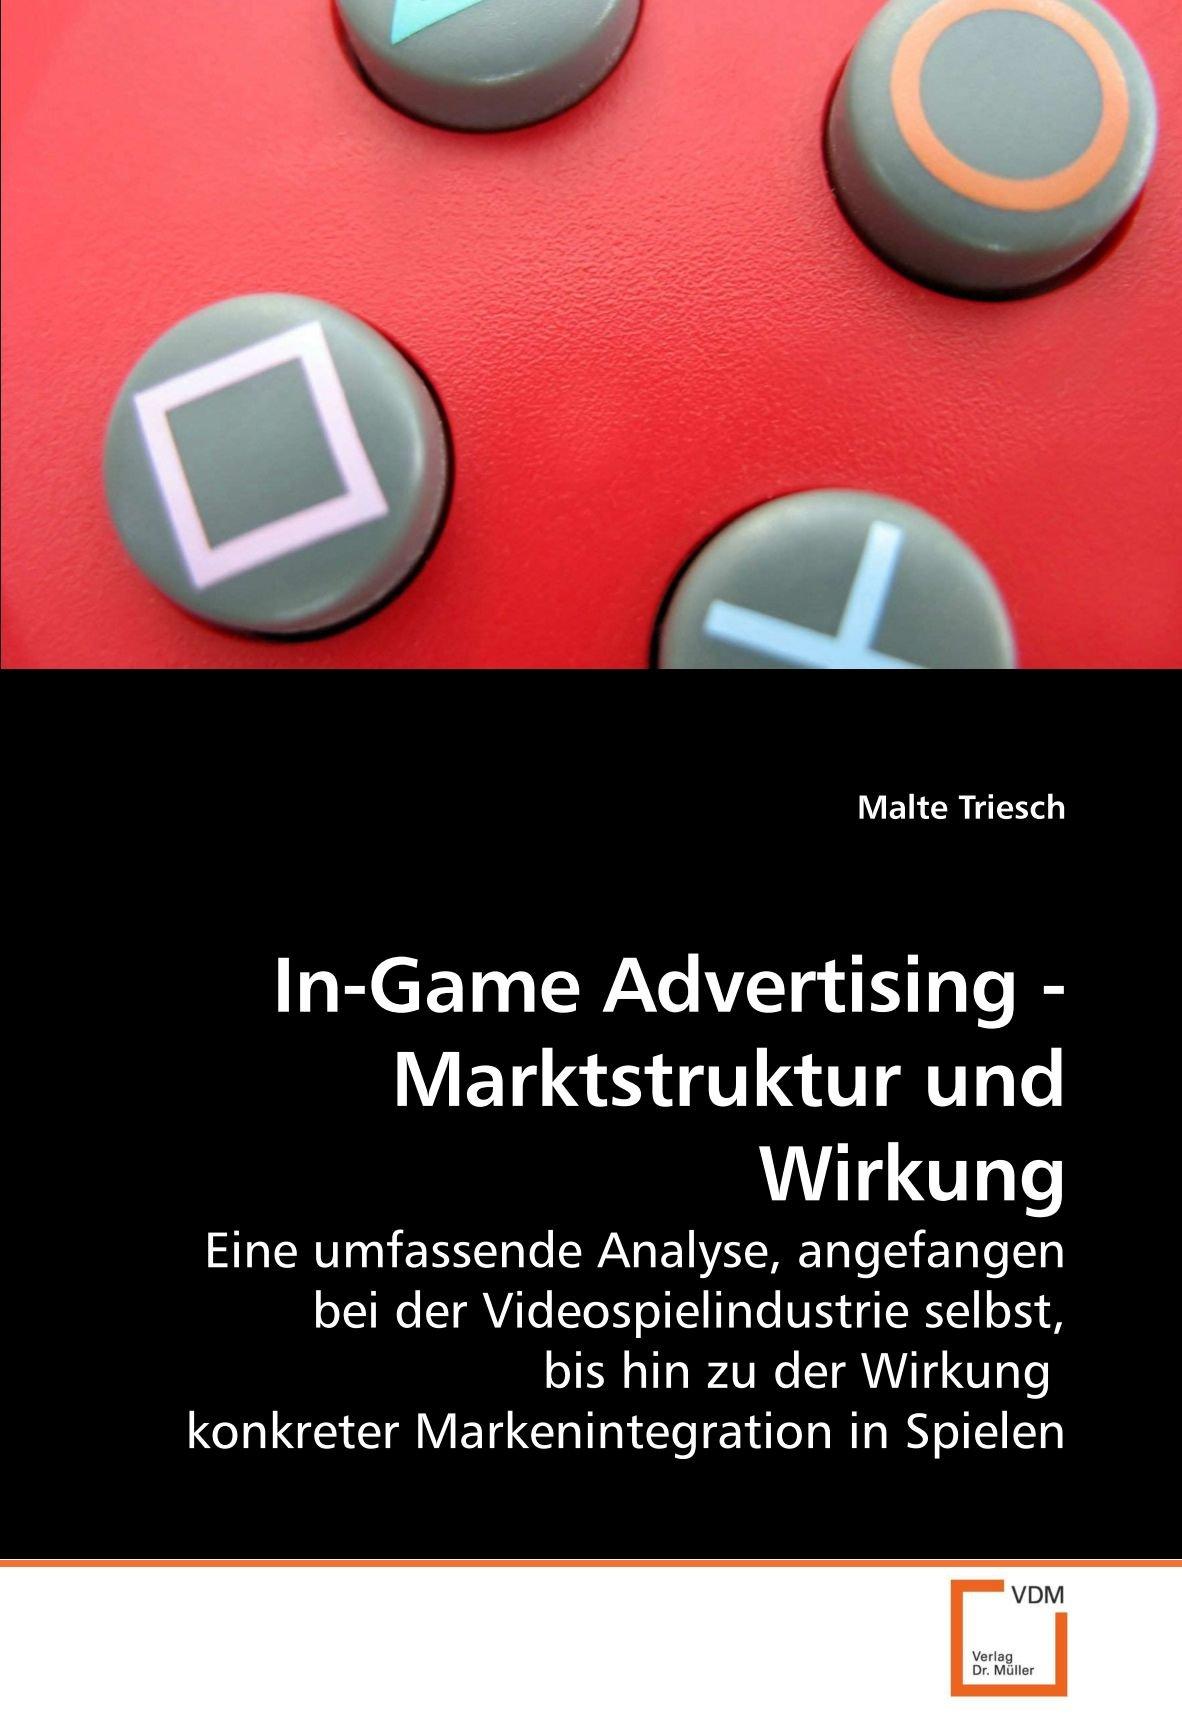 In-Game Advertising - Marktstruktur und Wirkung: Eine umfassende Analyse, angefangen bei der Videospielindustrie selbst, bis hin zu der Wirkung konkreter Markenintegration in Spielen